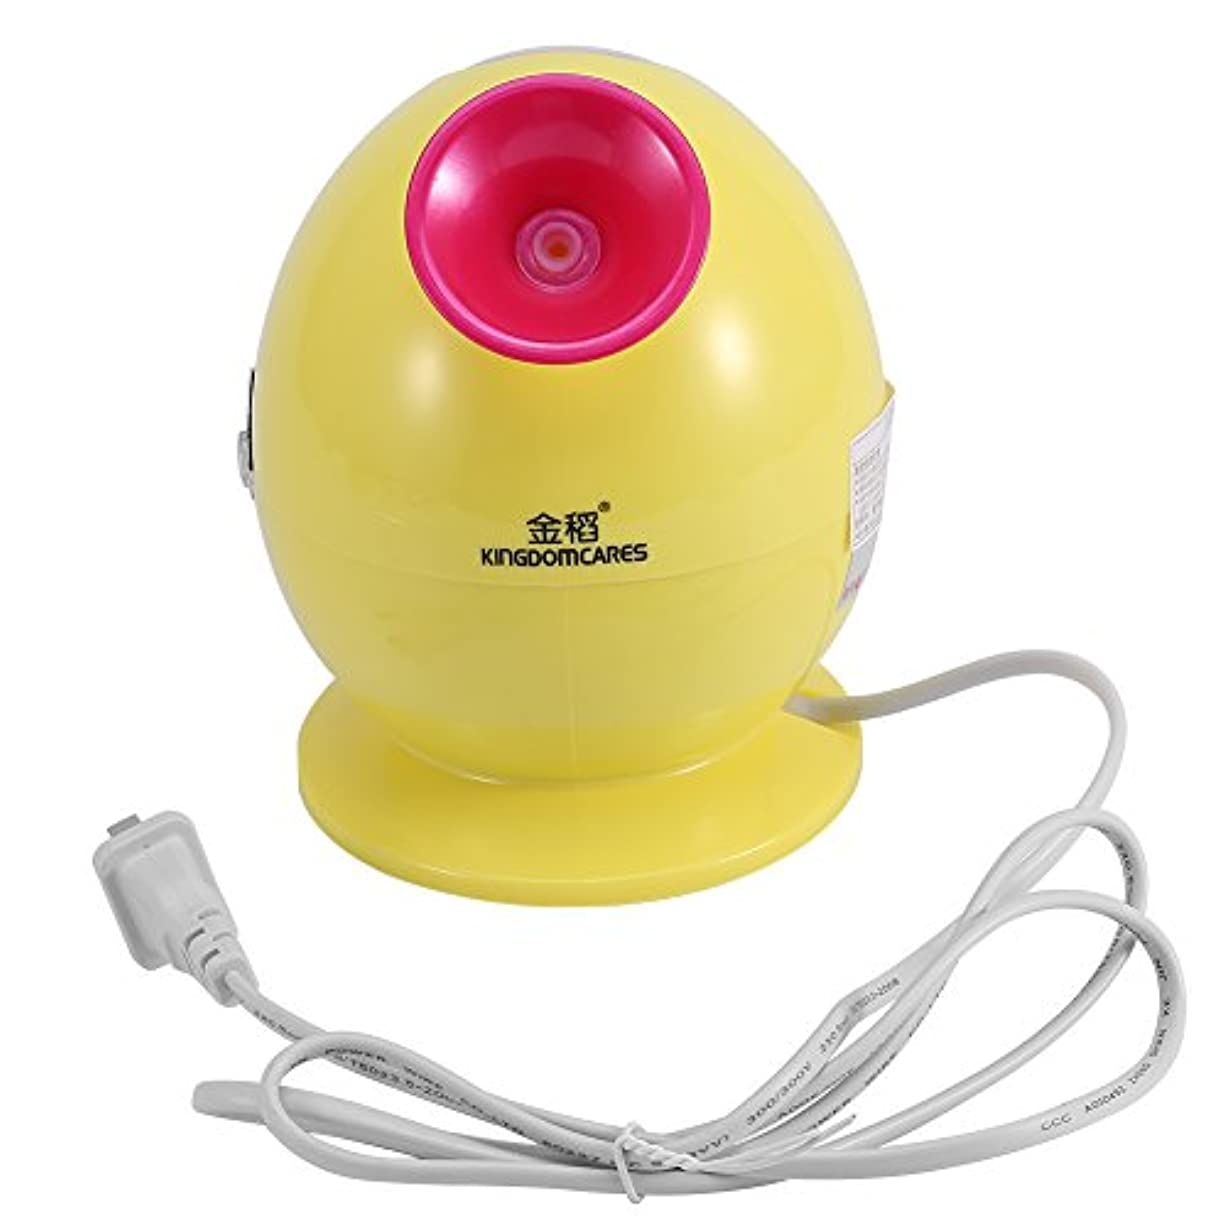 ミリメーター真夜中実装するナノイオンヒーター、ホットミスト加湿器ファミリーサウナSPAスキンケア(黄色)